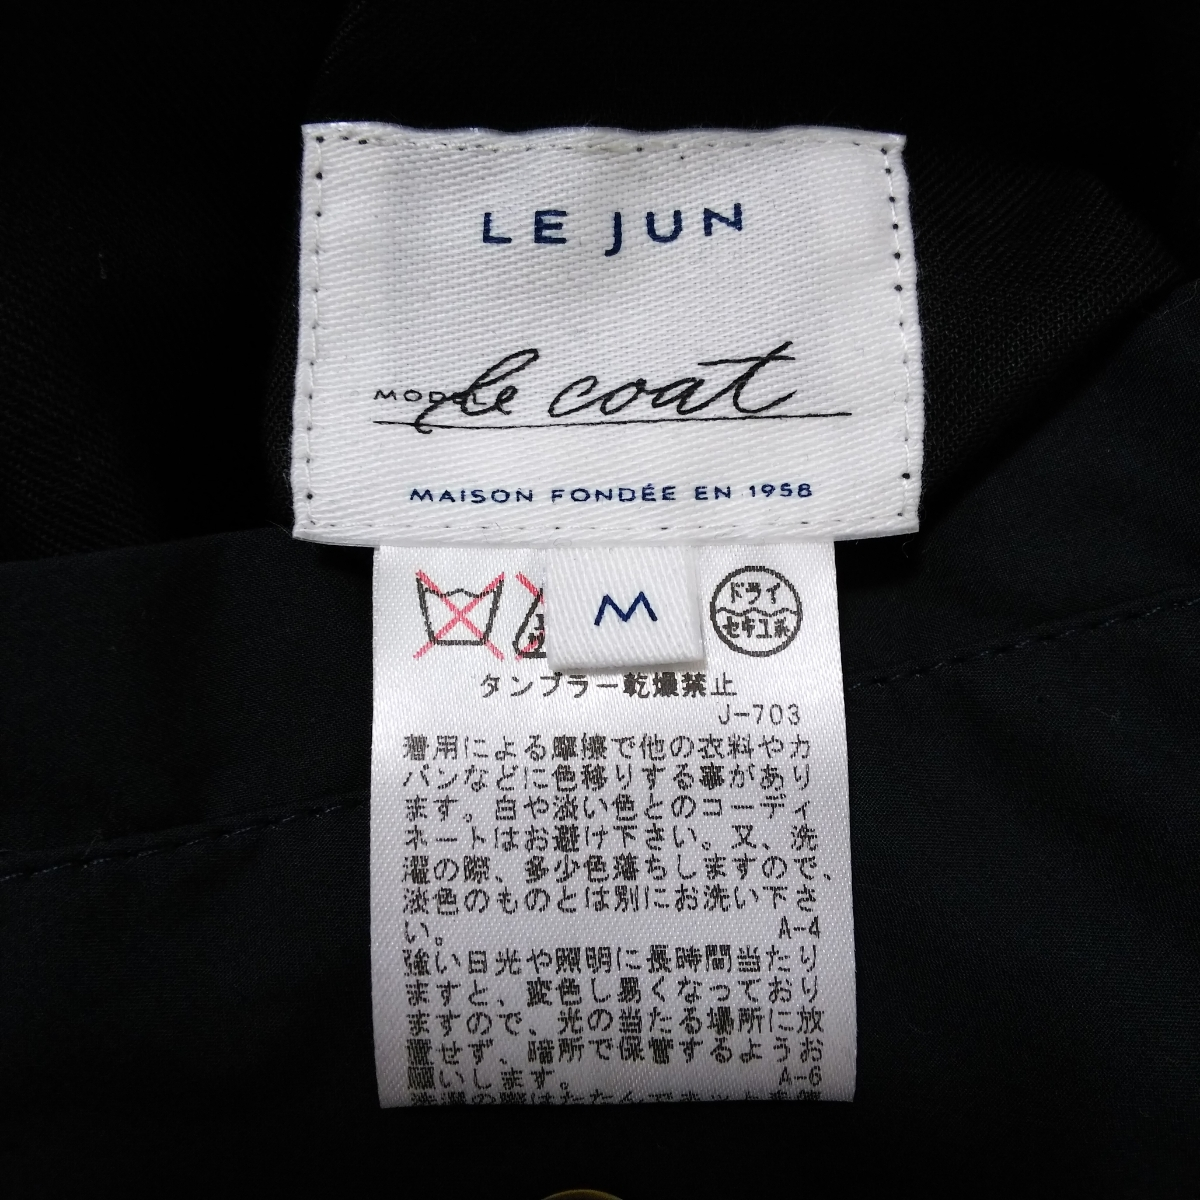 【新品タグ付き】LE JUN ル・ジュン フード付き ステンコート Mサイズ ネイビー 未使用 自宅保管品_画像10